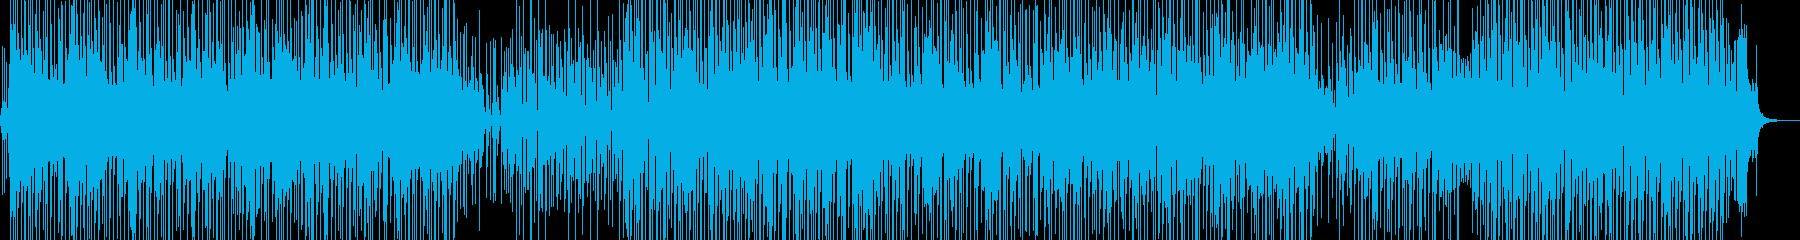 バカンスイメージのレゲェポップ Cの再生済みの波形